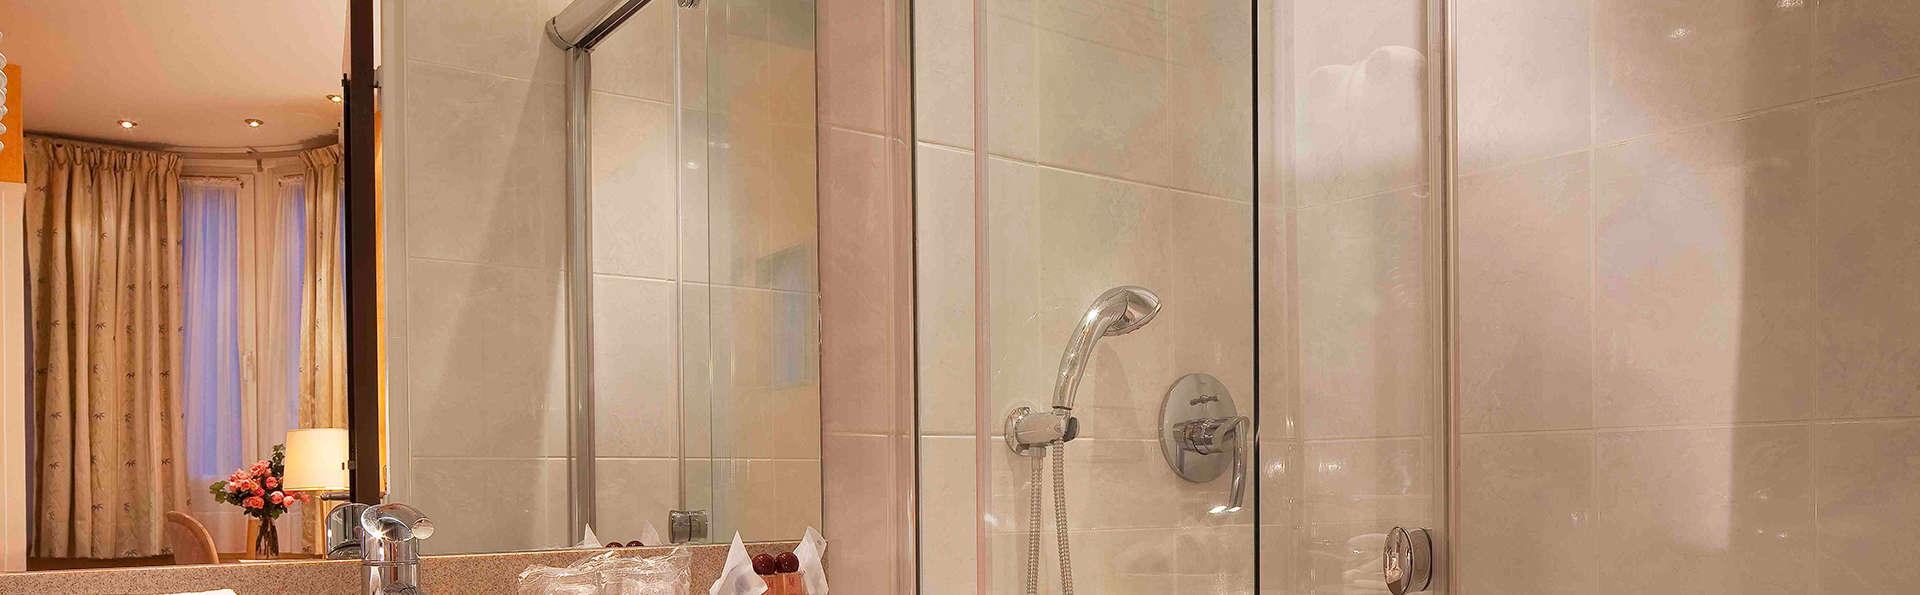 Hôtel Cécilia - EDIT_bath1.jpg